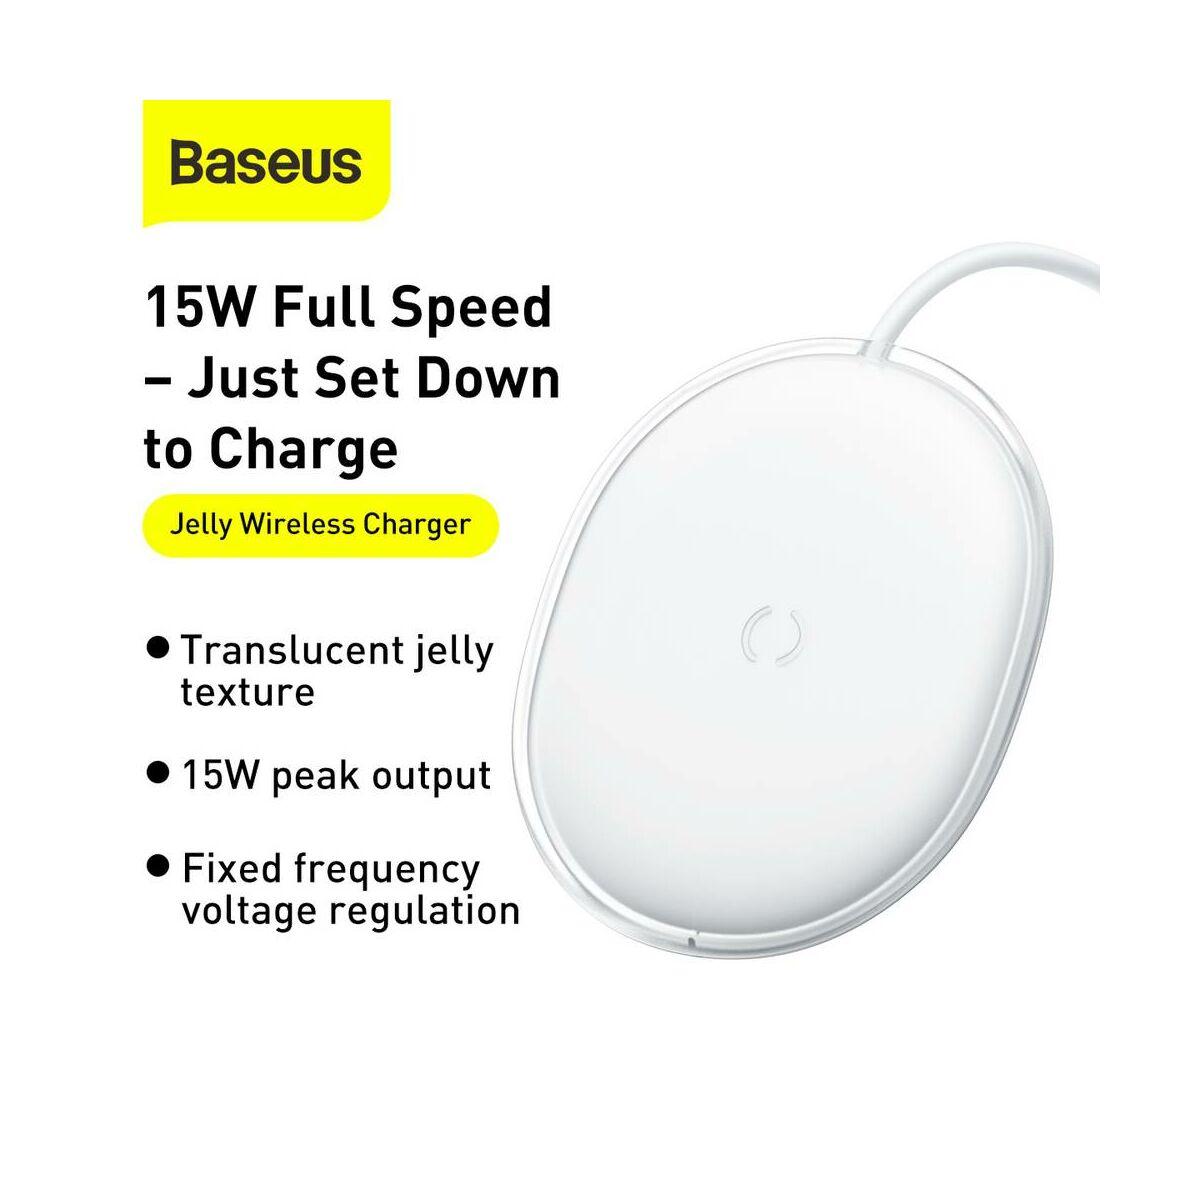 Baseus vezeték nelküli töltő Jelly QC 3.0, 15W, fehér (WXGD-02)